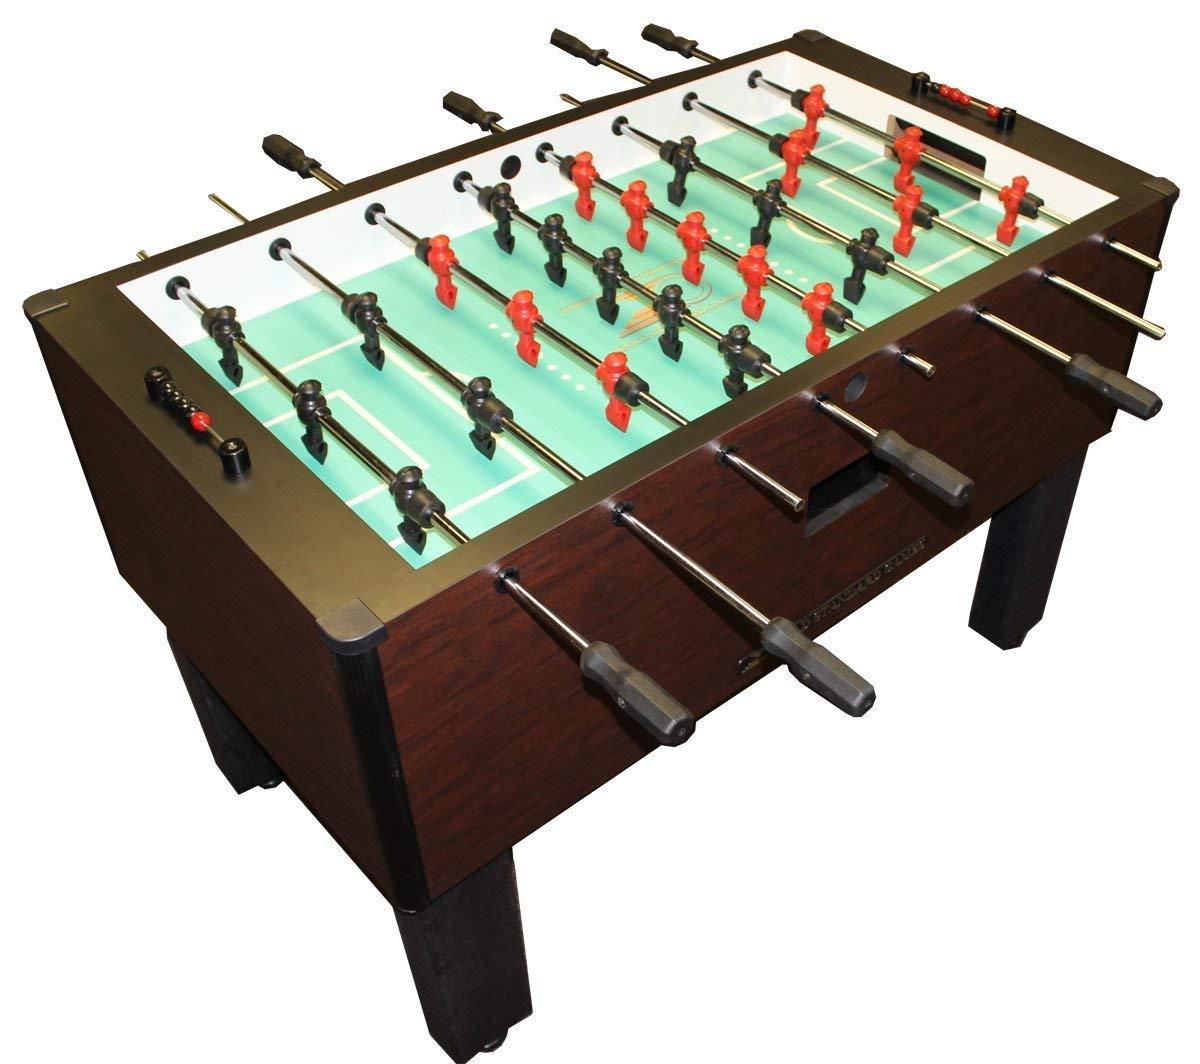 ゴールド標準Proテーブルサッカーテーブルゲームホーム(マホガニー( QPQステンレススチールrods-blackハンドル) ) B00XUX67BK